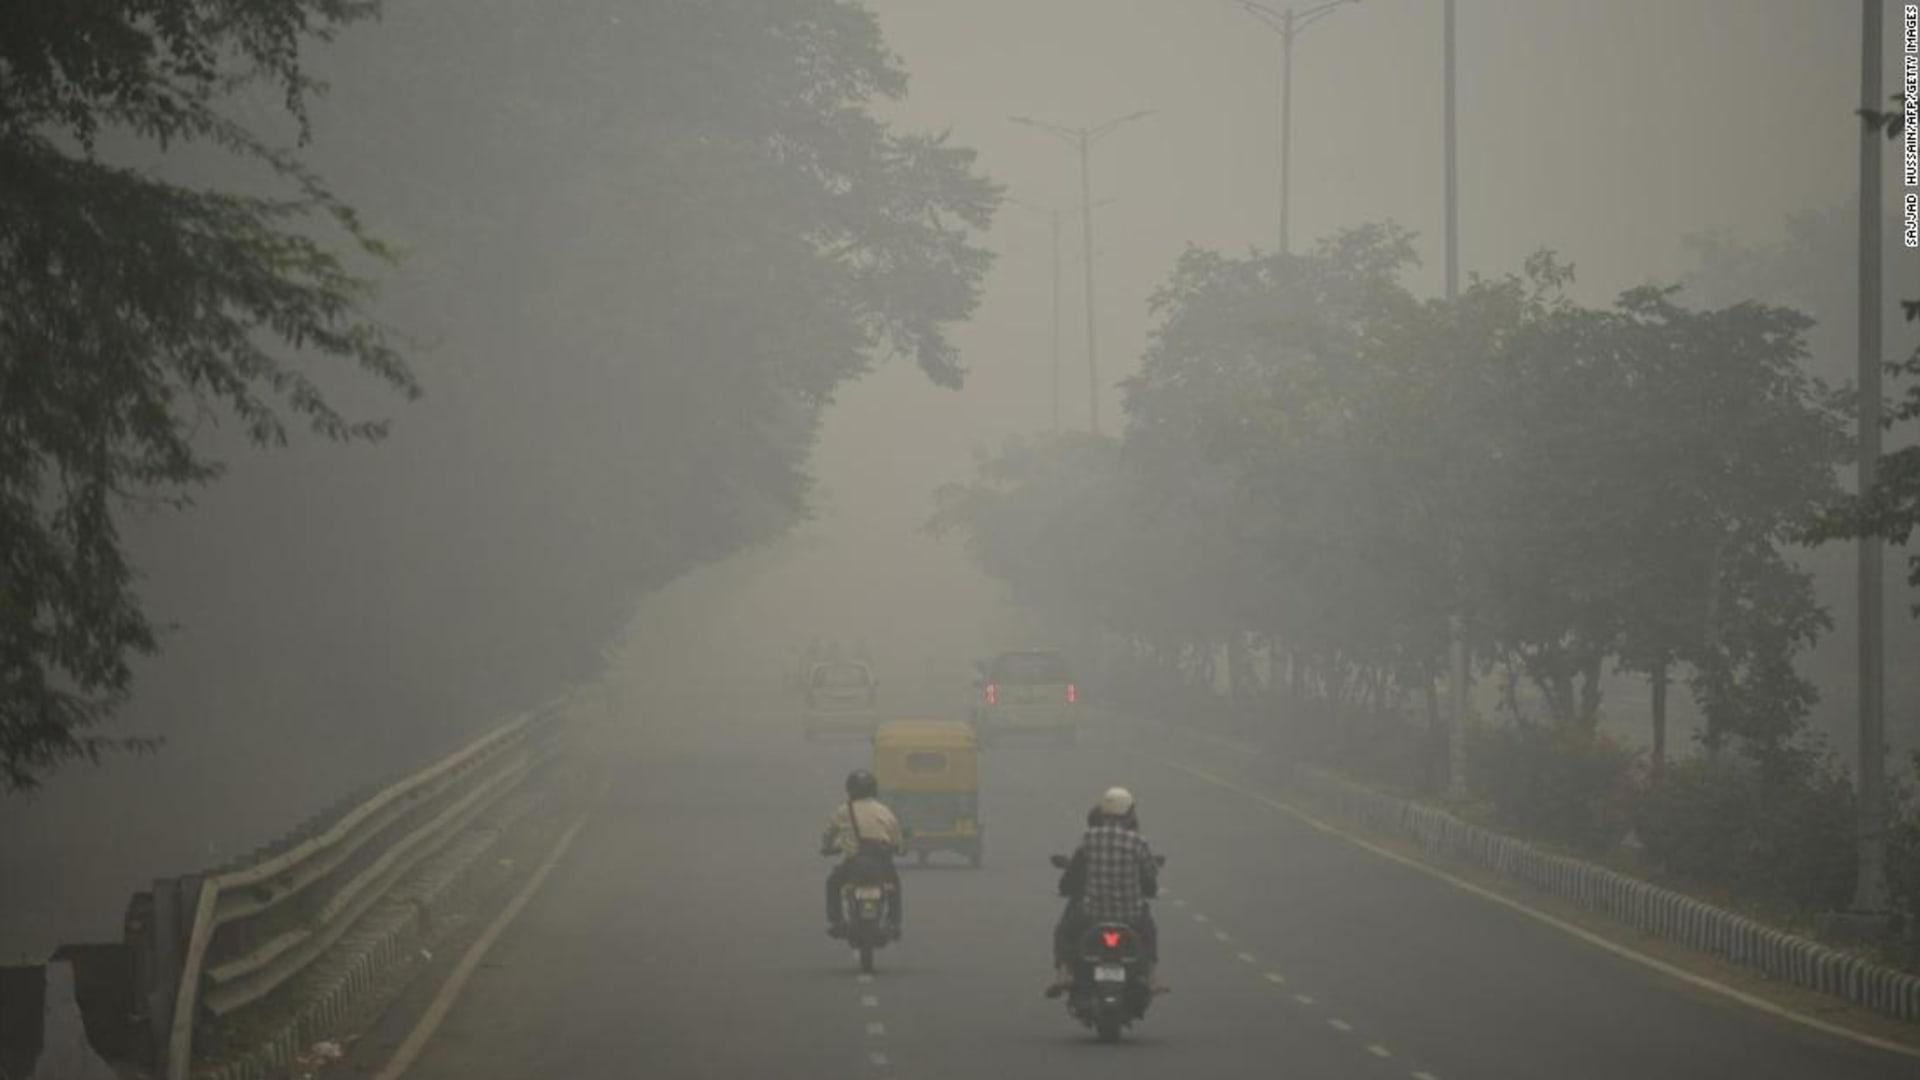 شركة في الهند تحول الهواء الملوث إلى بلاط بناء أنيق..كيف؟